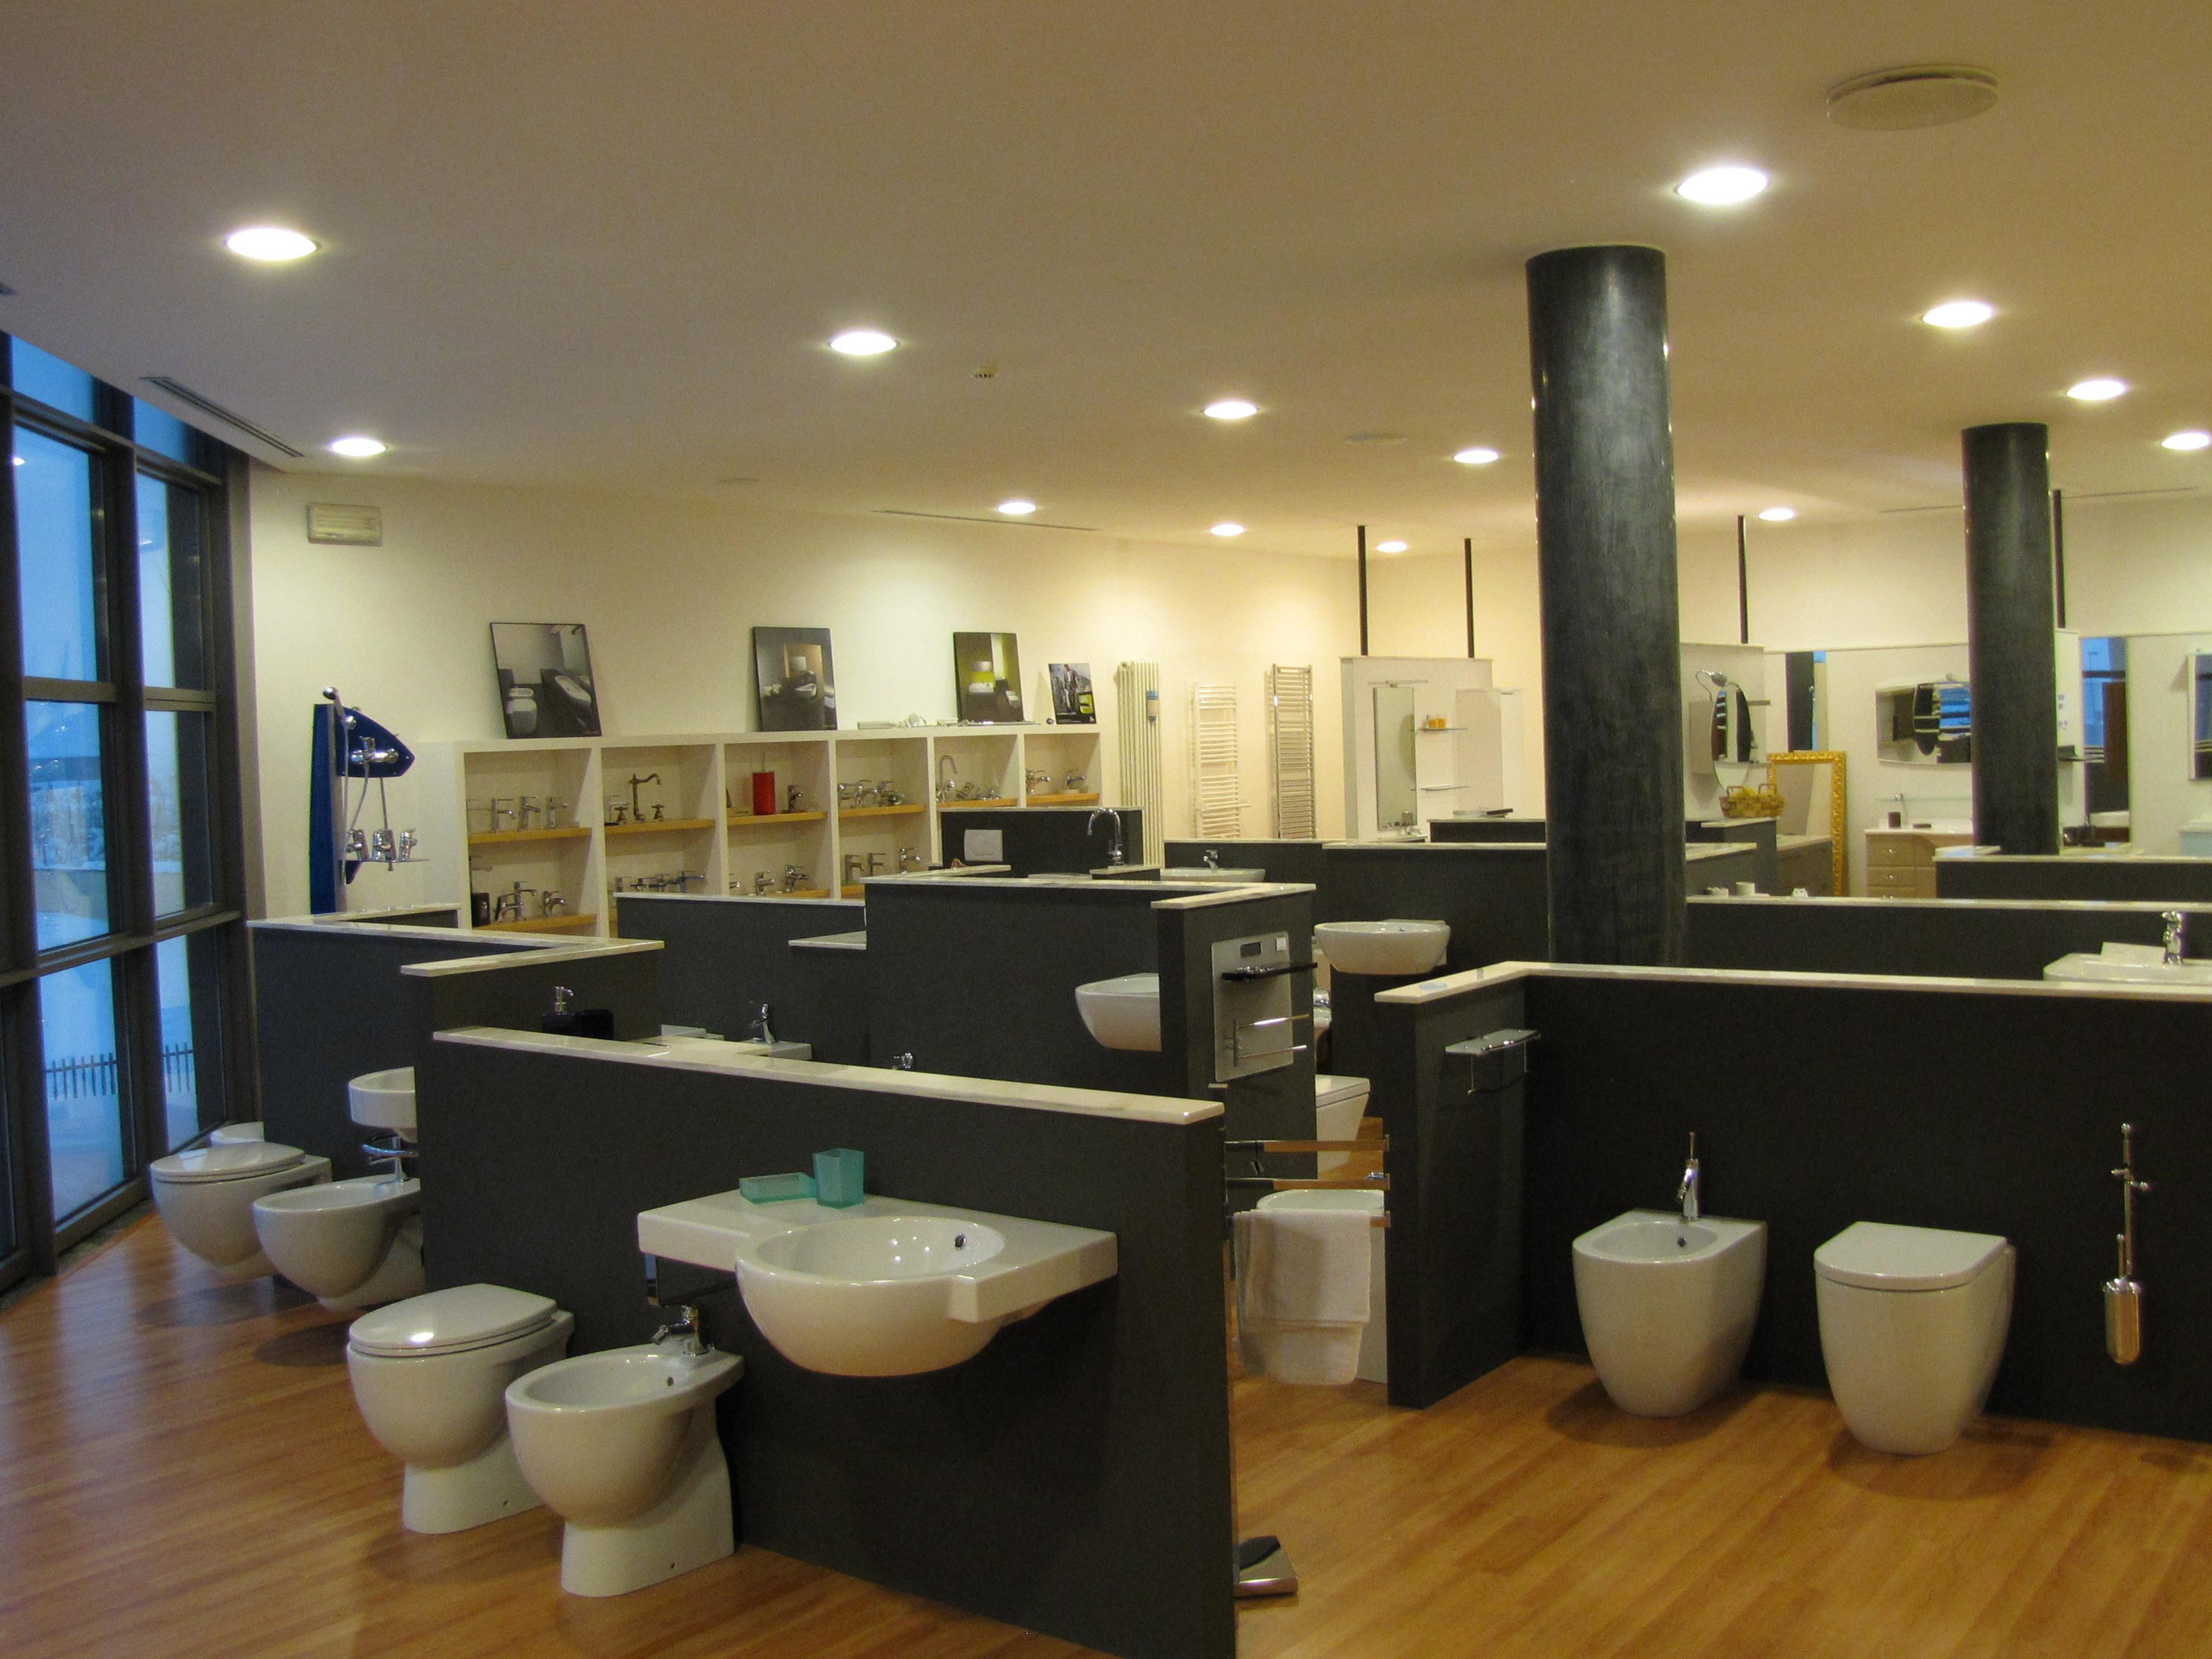 Esposizione arredo bagno vasche idromassaggio vasche da bagno